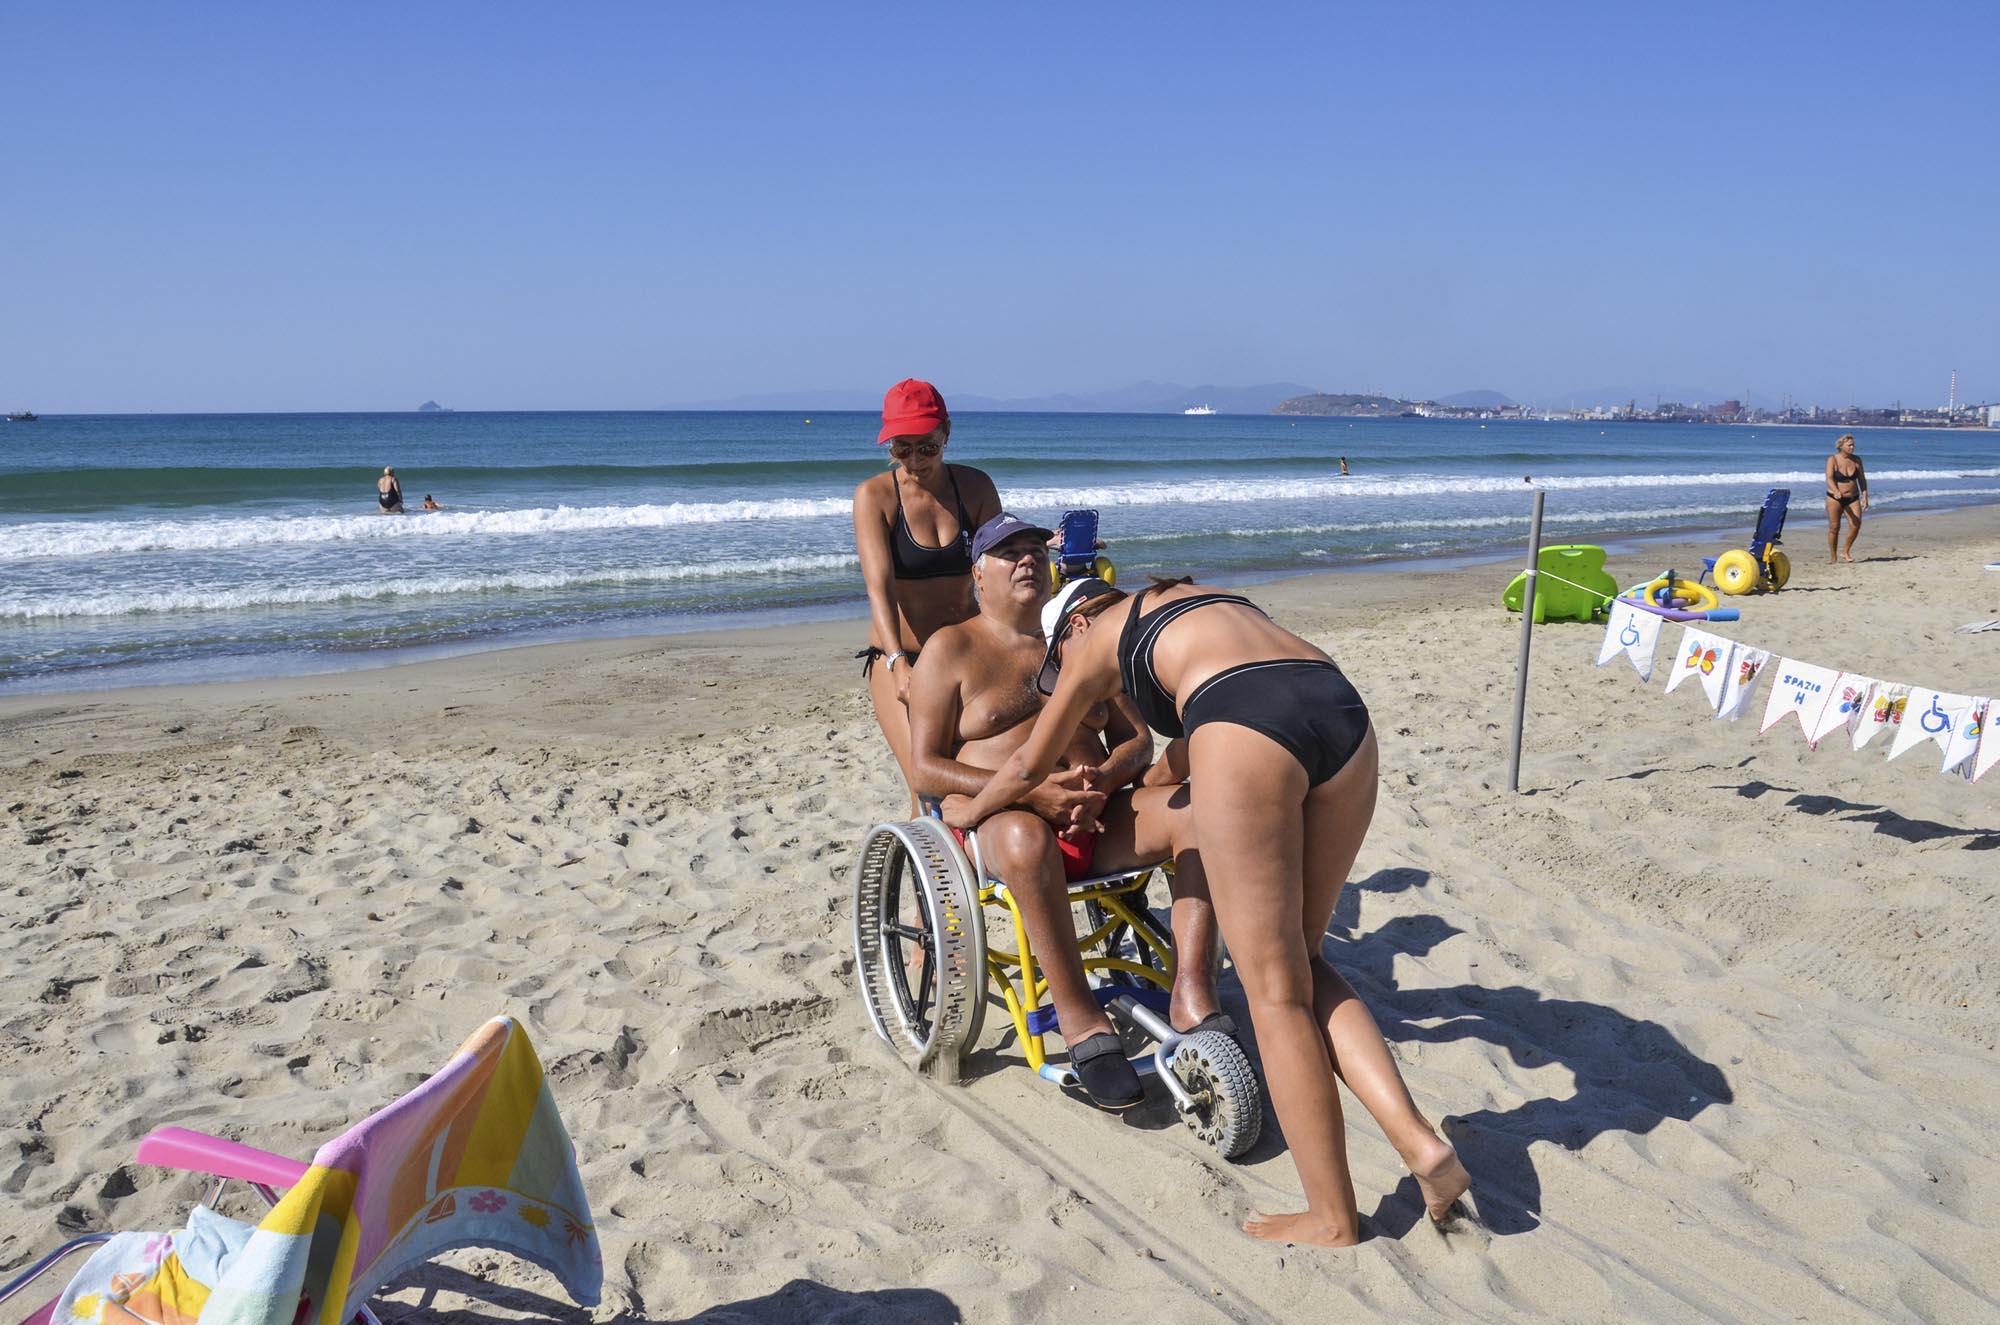 0145 Assistenza in spiaggia alle persone con disabilita 1 - Assistenza disabili in spiaggia, tutti al mare